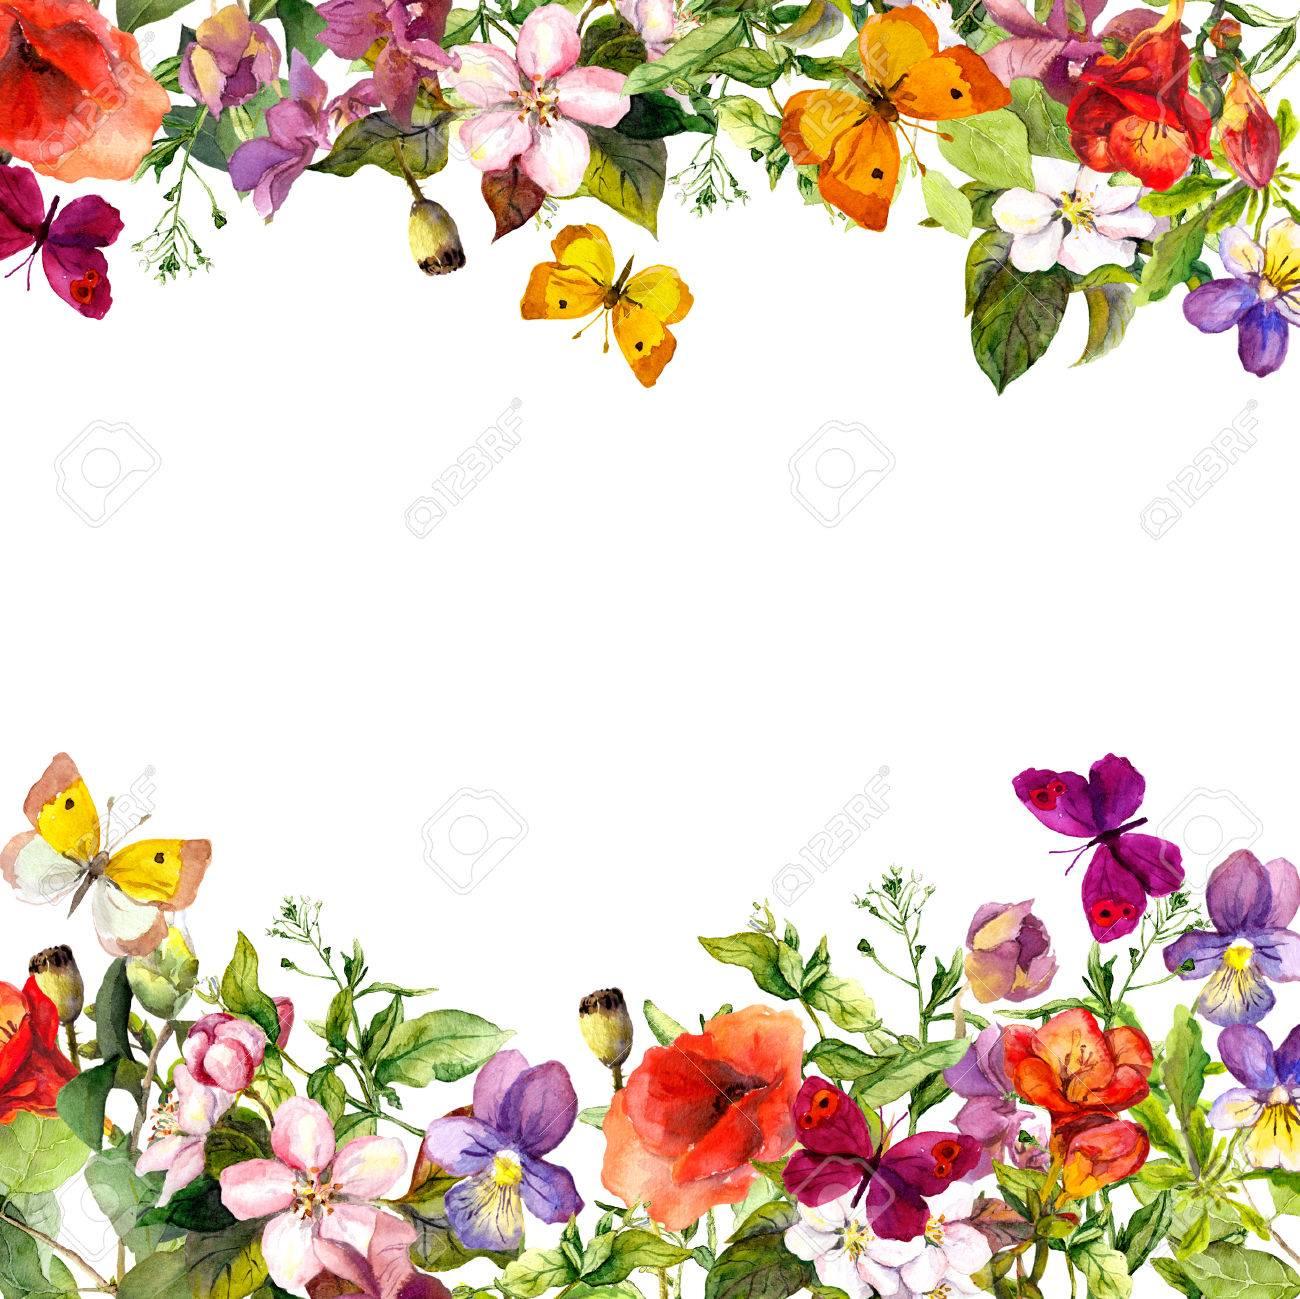 Primavera, Jardín De Verano: Flores, Césped, Hierbas Y Mariposas ...